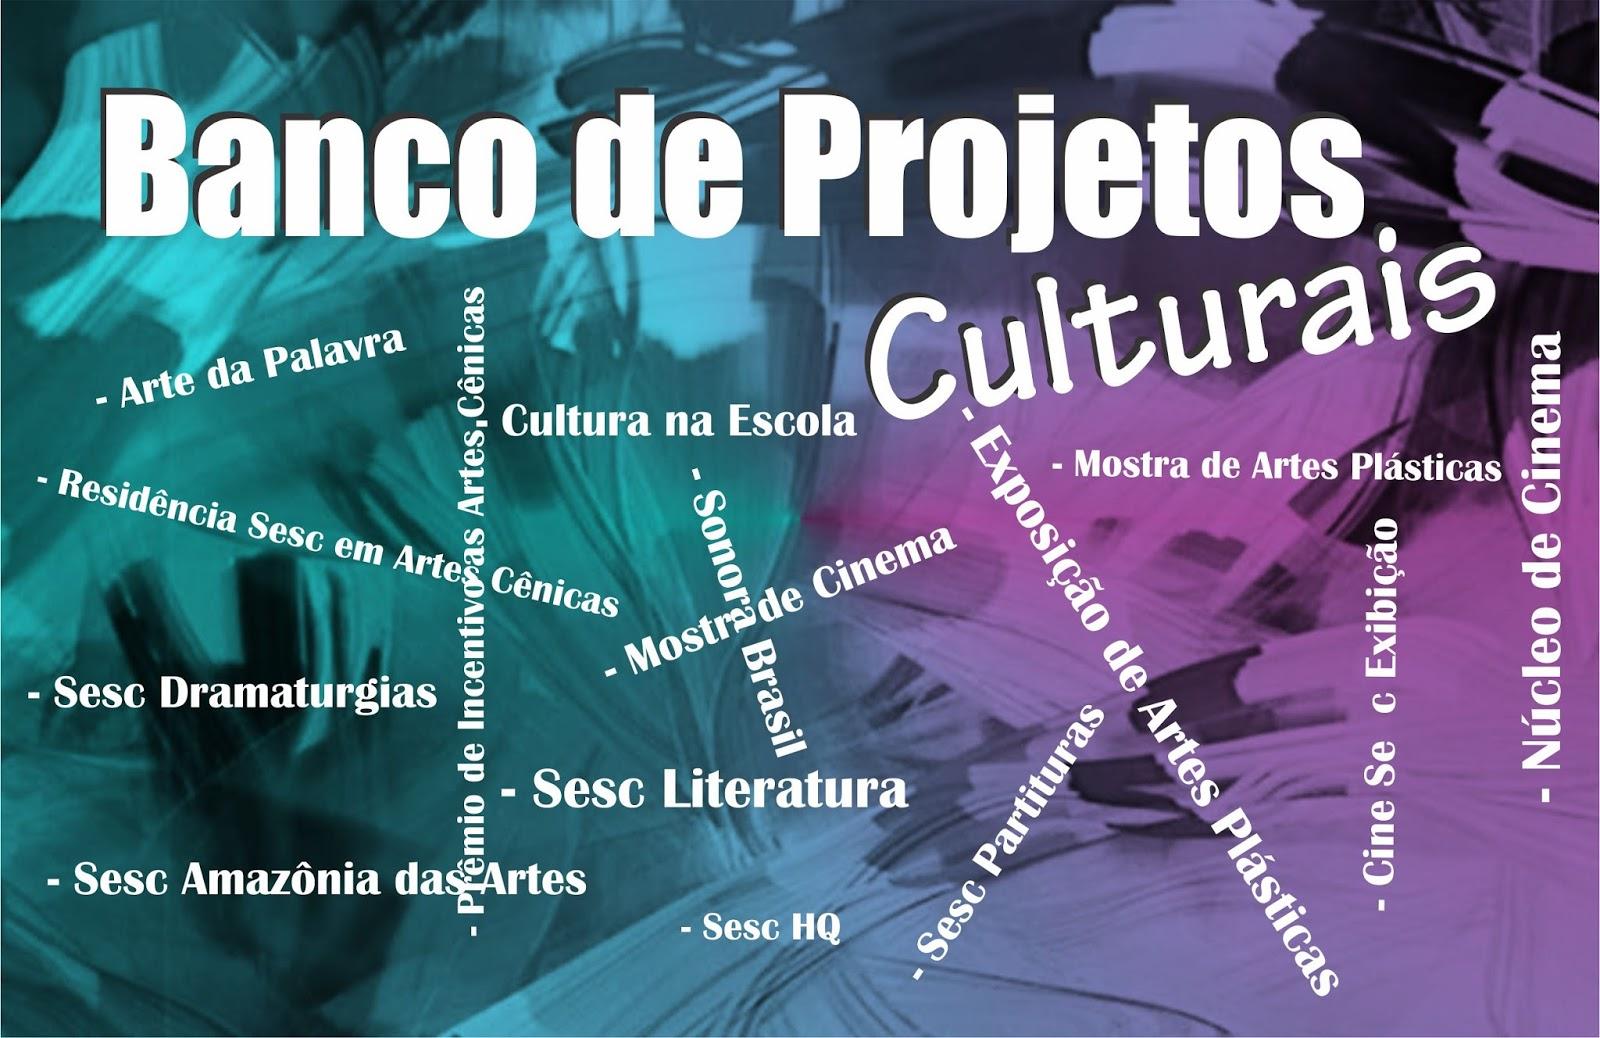 Banco de Projetos Culturais do Sesc com inscrições abertas até  o dia 23